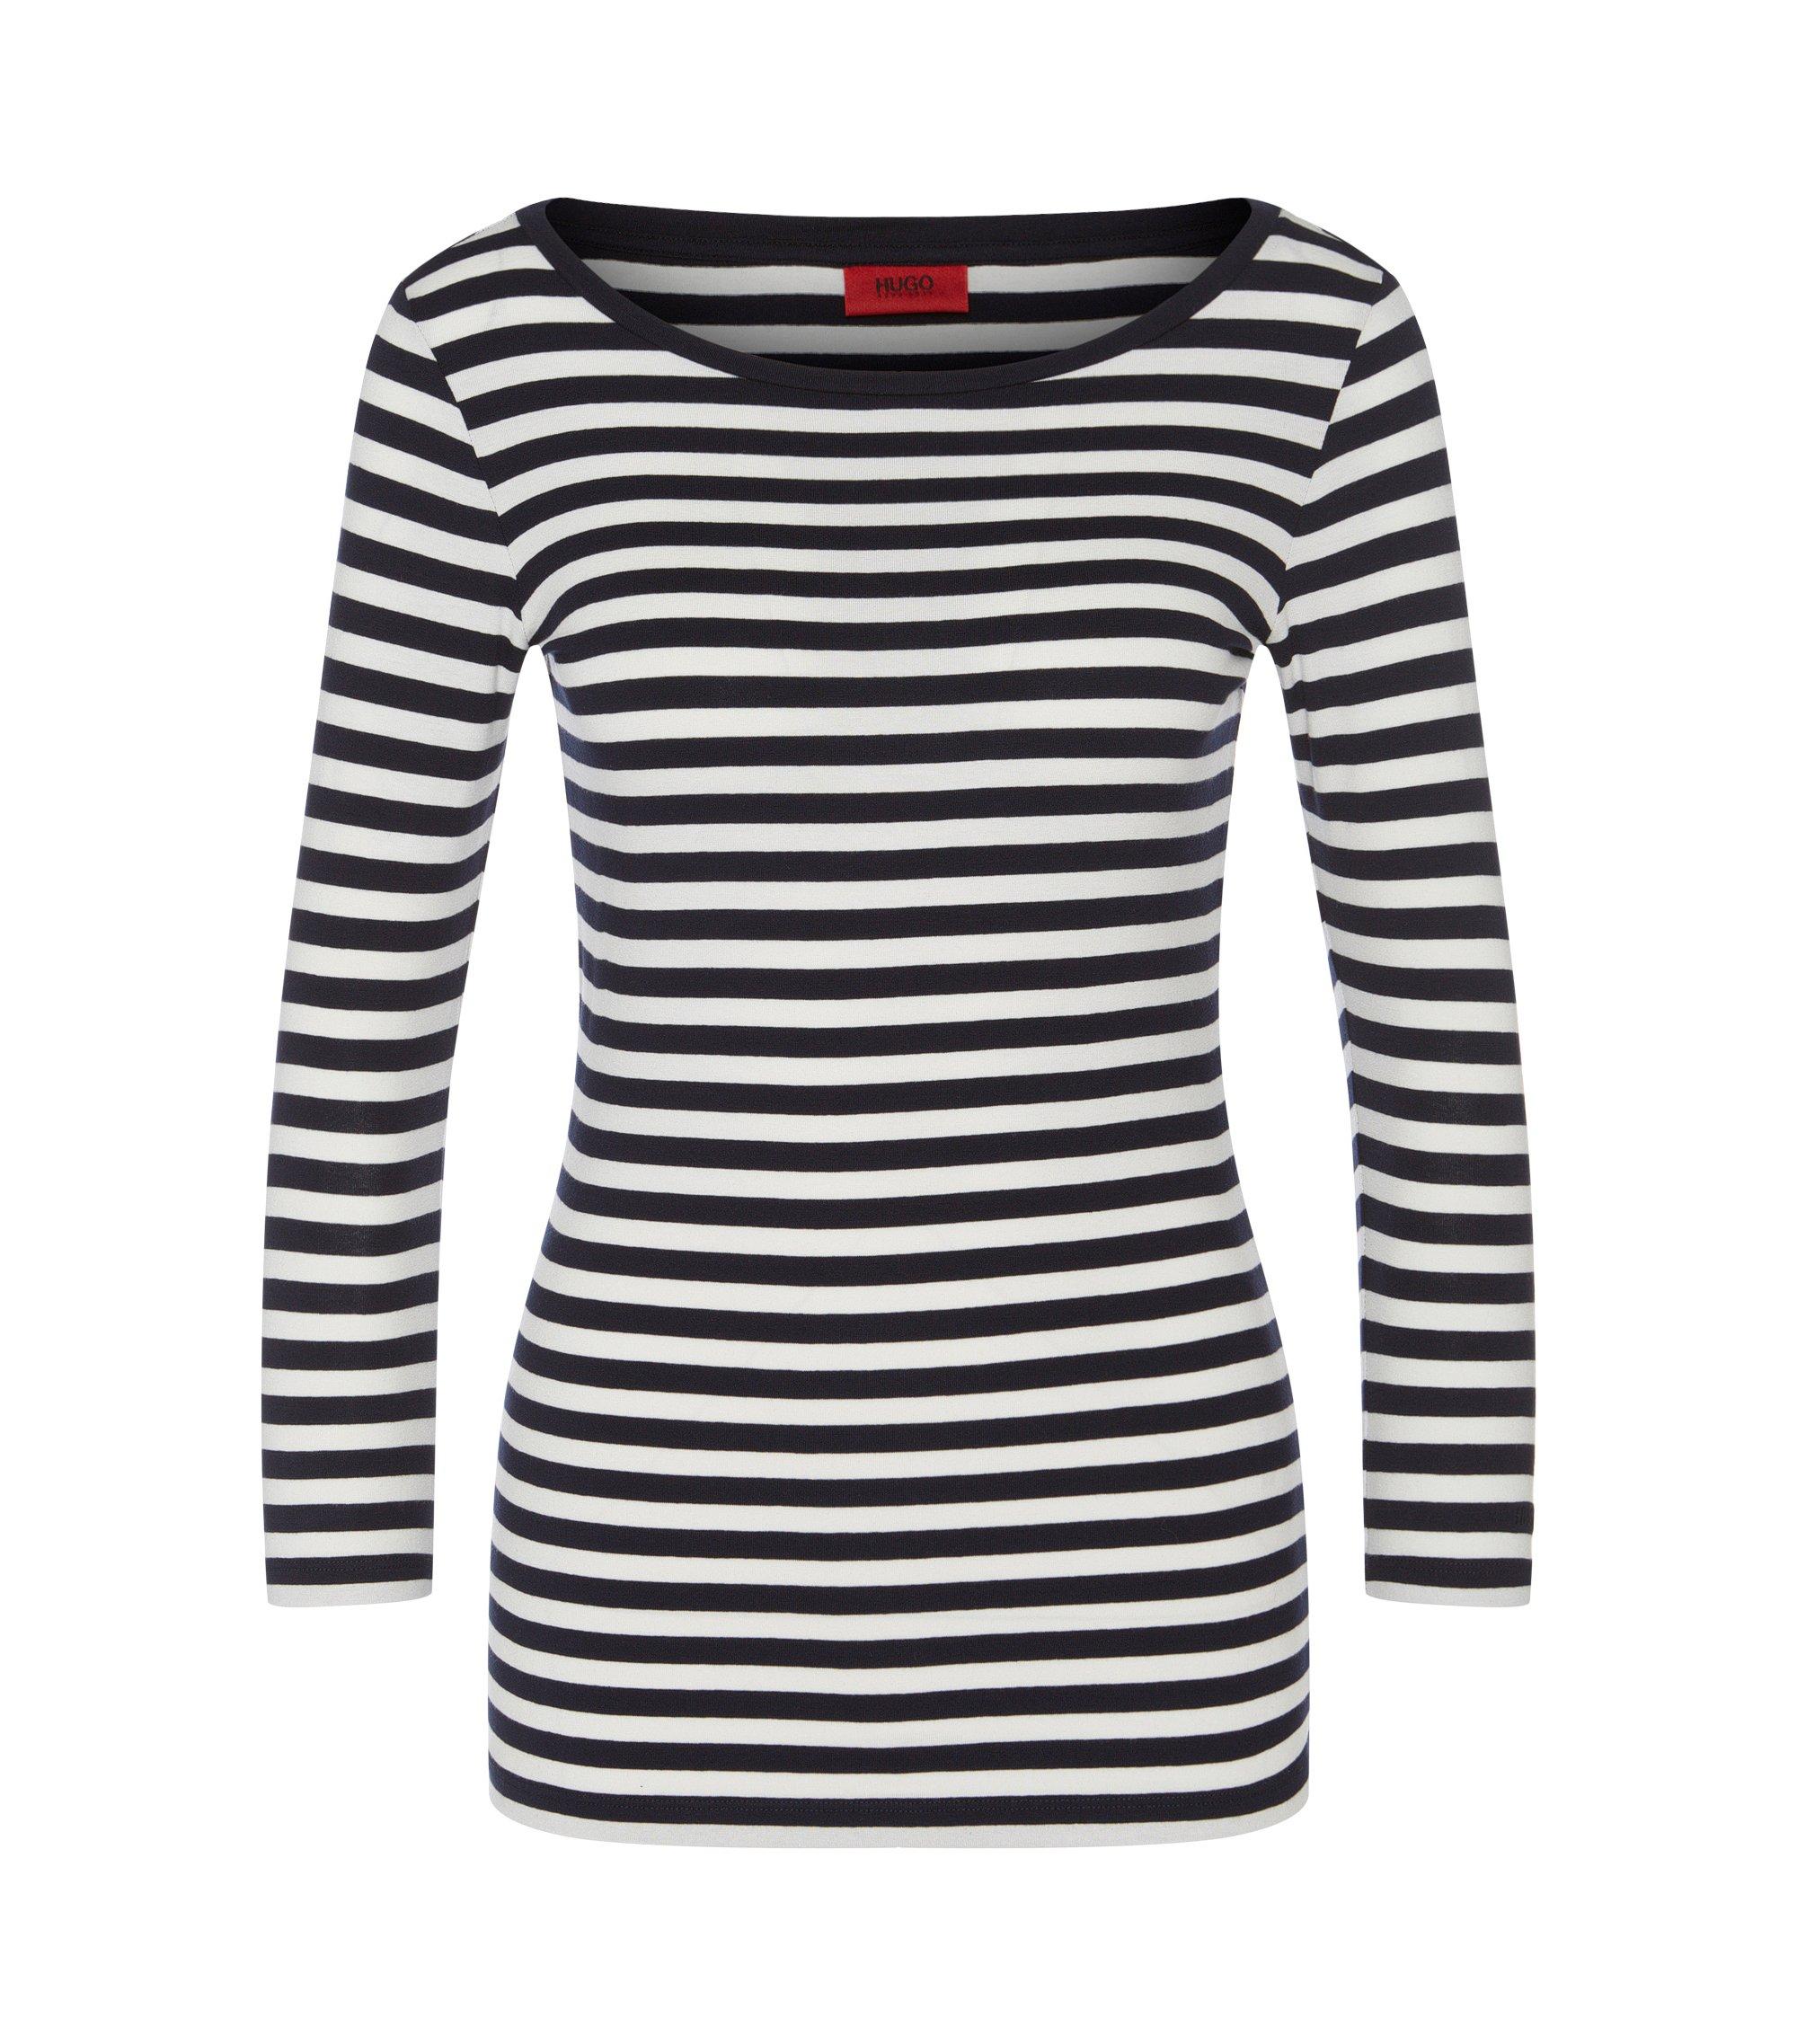 Slim-Fit T-Shirt aus Jersey mit Streifen und U-Boot-Ausschnitt, Gemustert